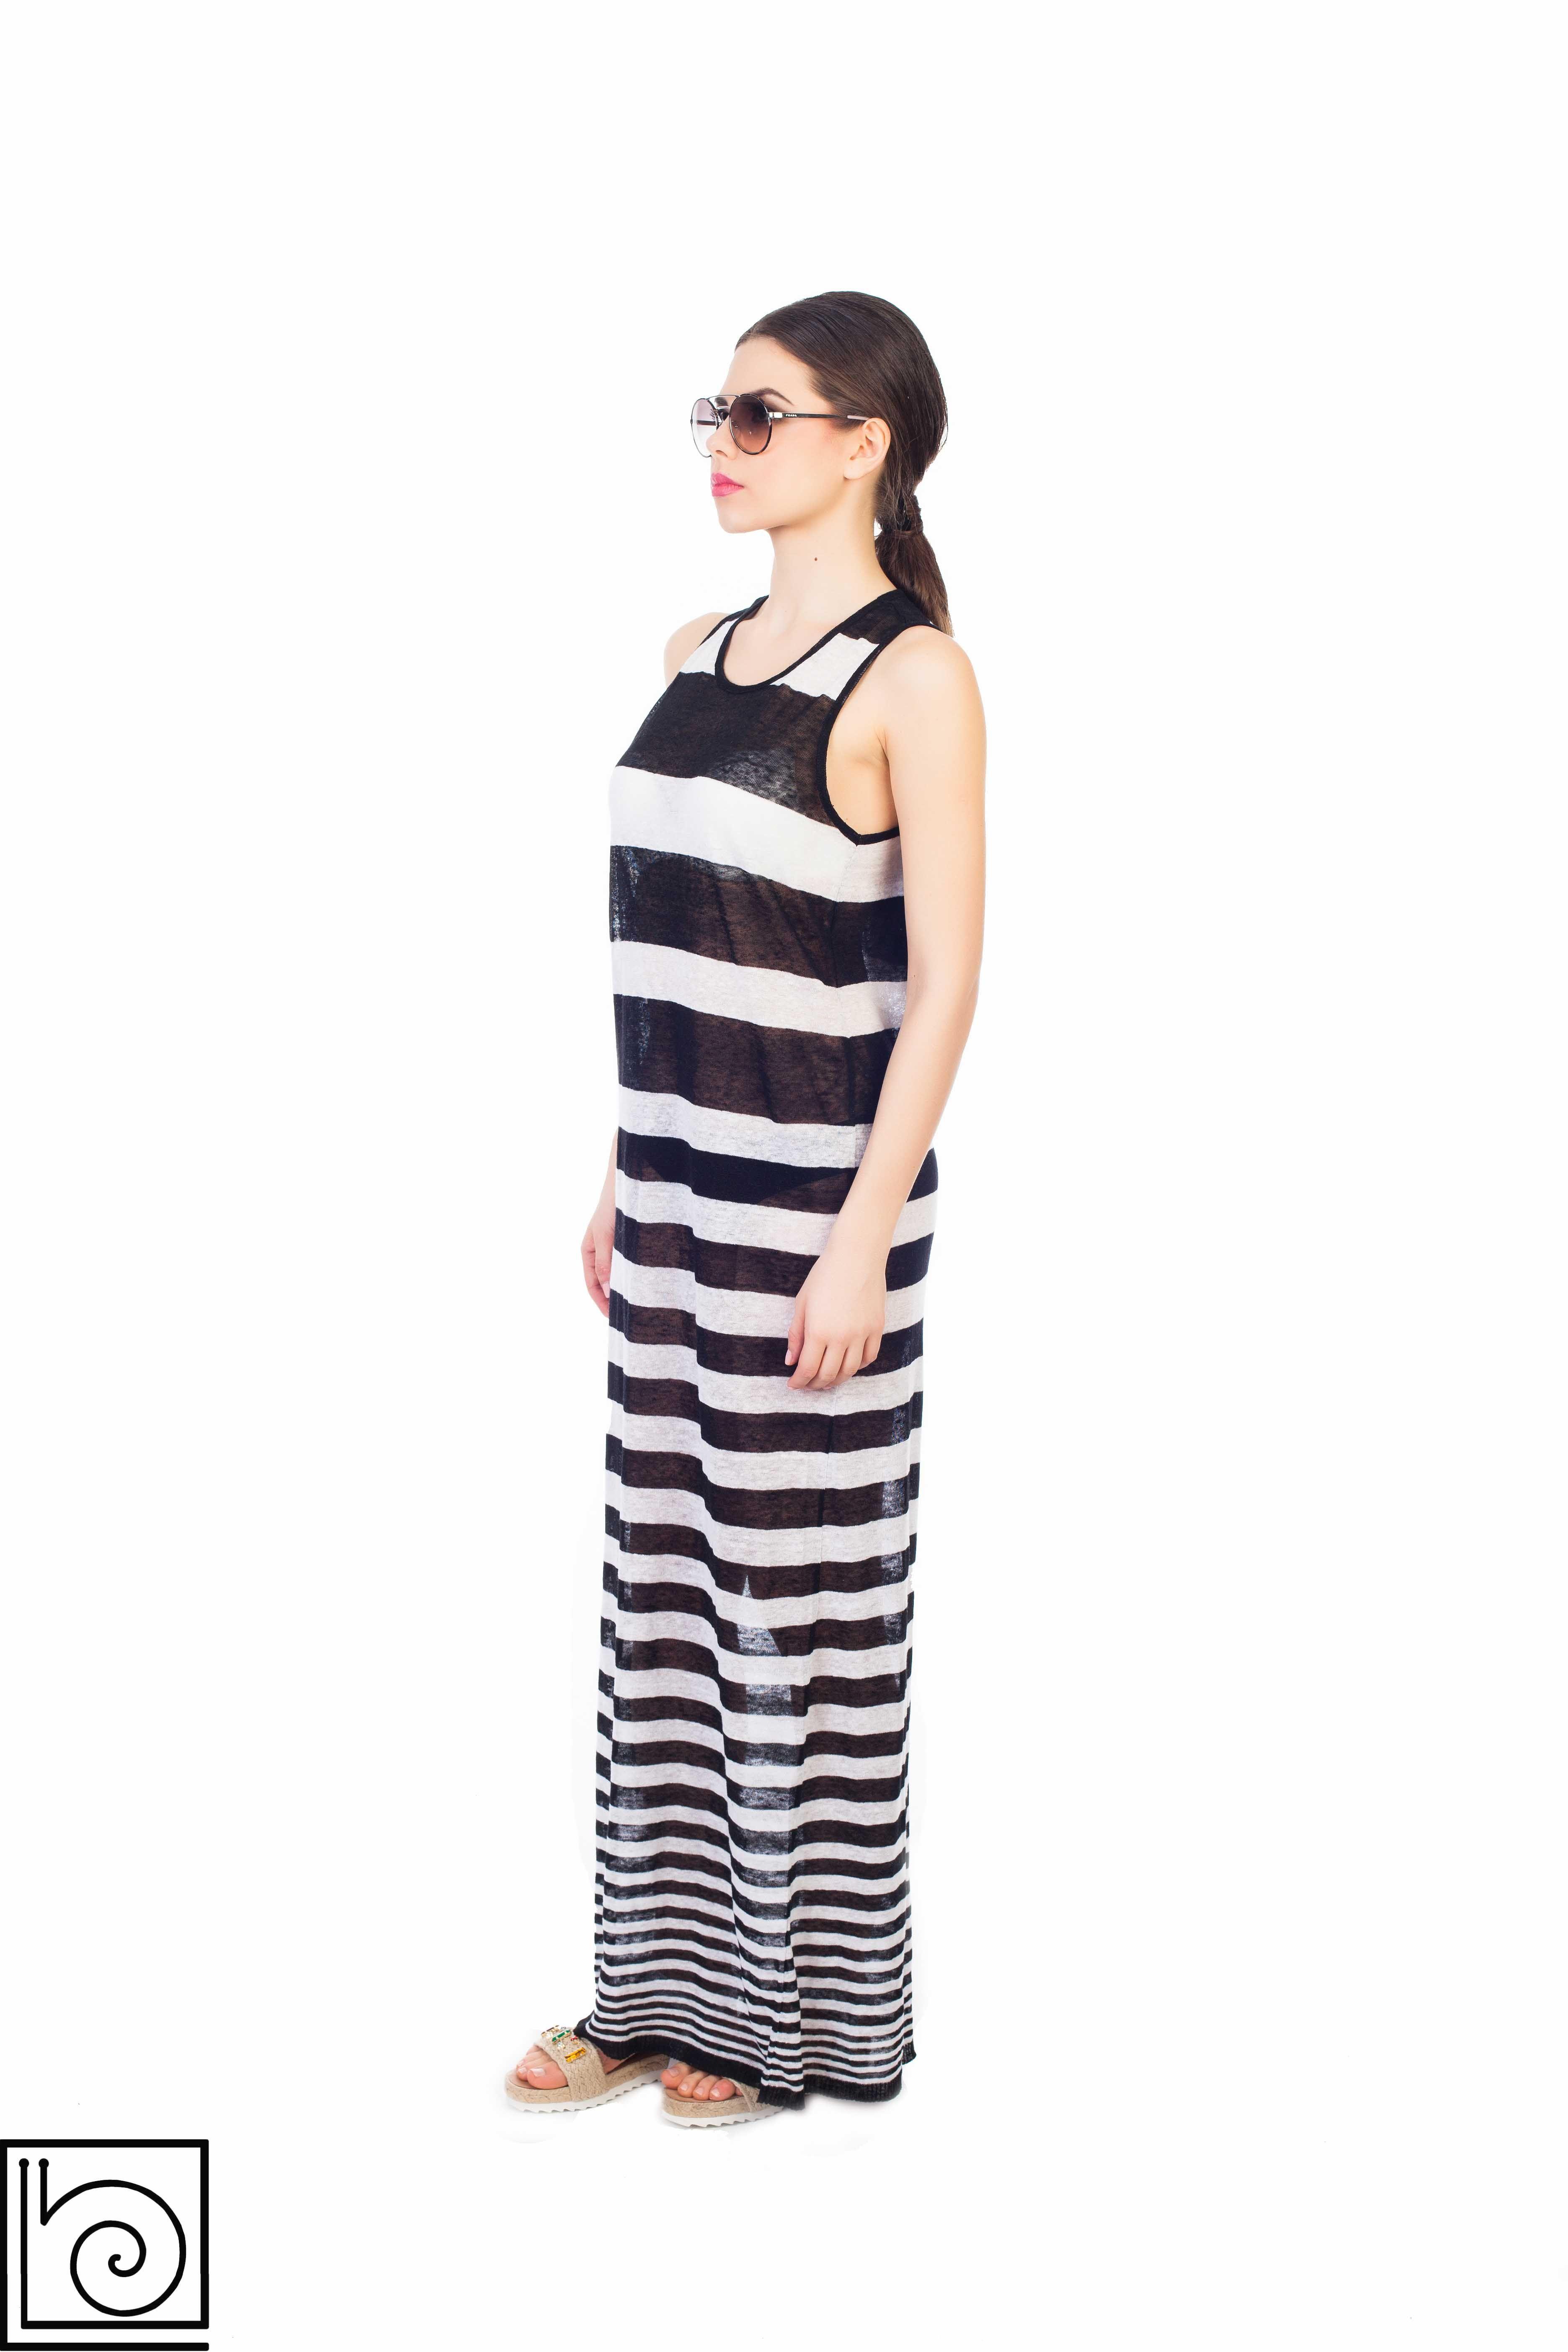 2e148e5acd2 Трикотажное льняное платье в черно-белую полоску. Длинное. Vicolo  Northland. Италия.